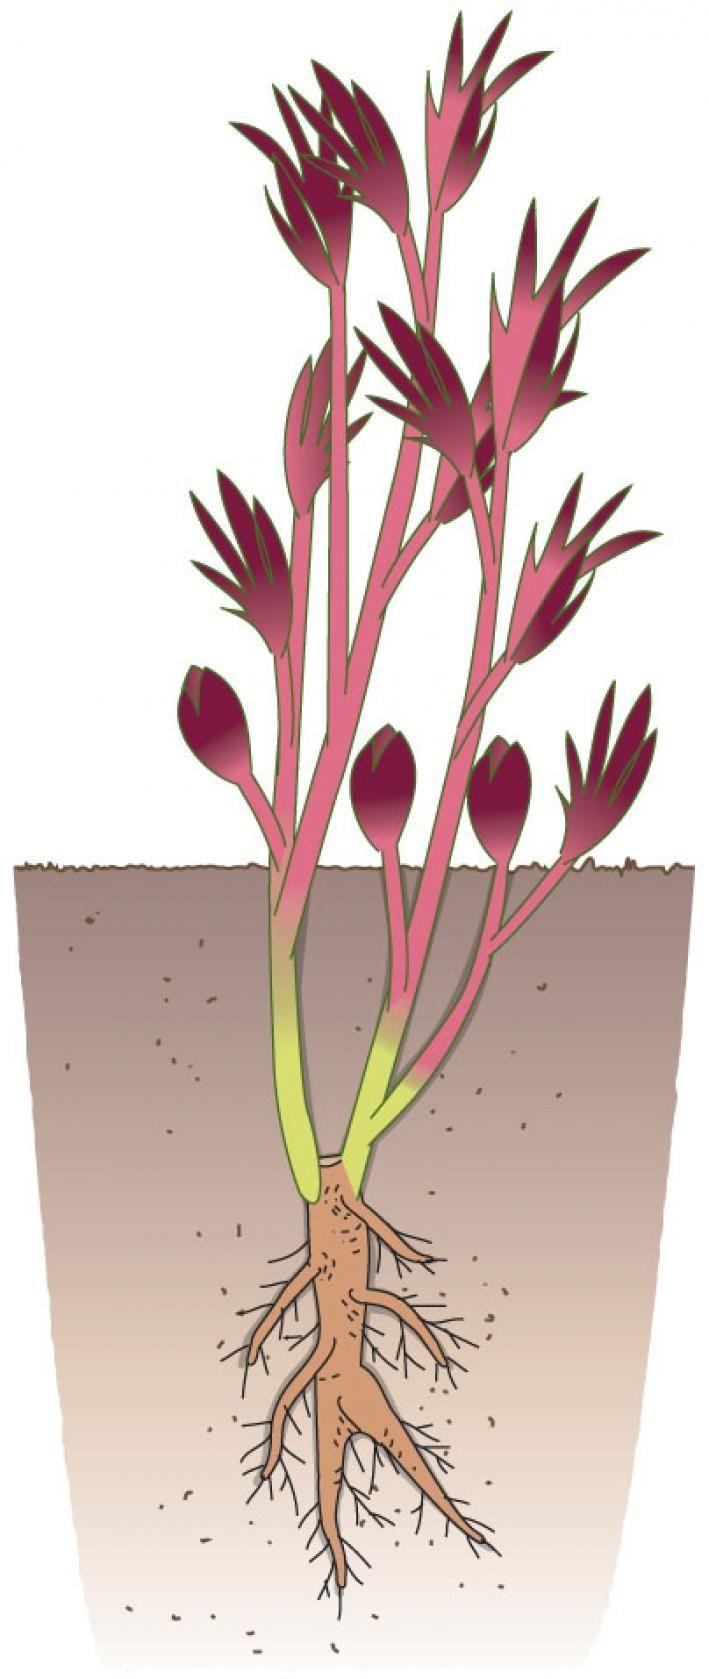 strauch pfingstrosen richtig pflanzen garten pfingstrosen pflanzen pflanzen und garten. Black Bedroom Furniture Sets. Home Design Ideas